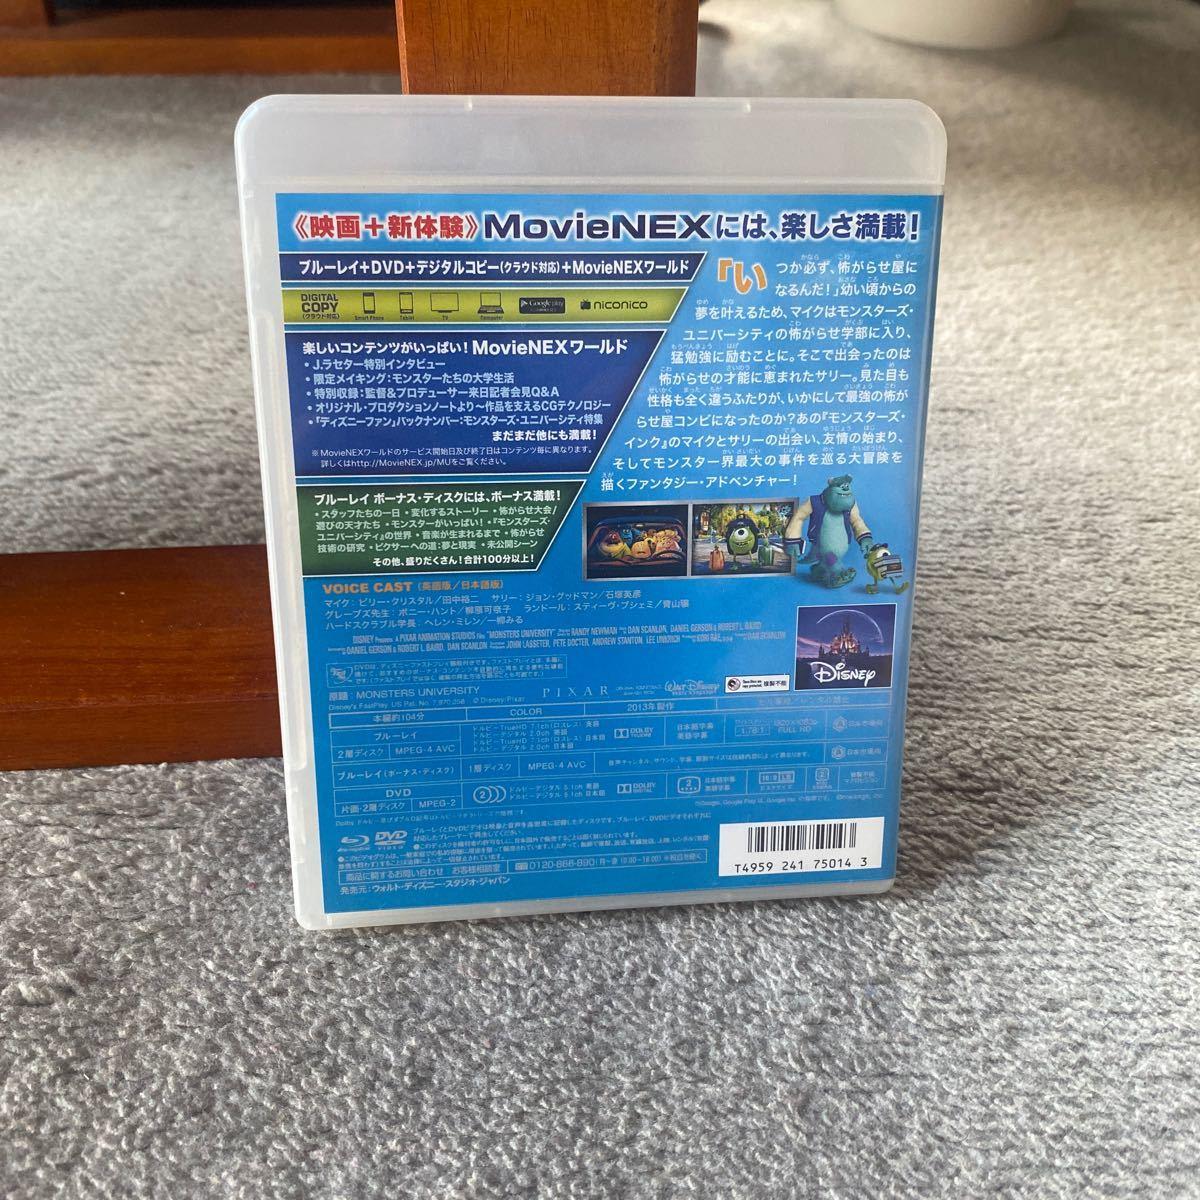 モンスターズユニバーシティ  MovieNEX ブルーレイ dvd 完品  Disney